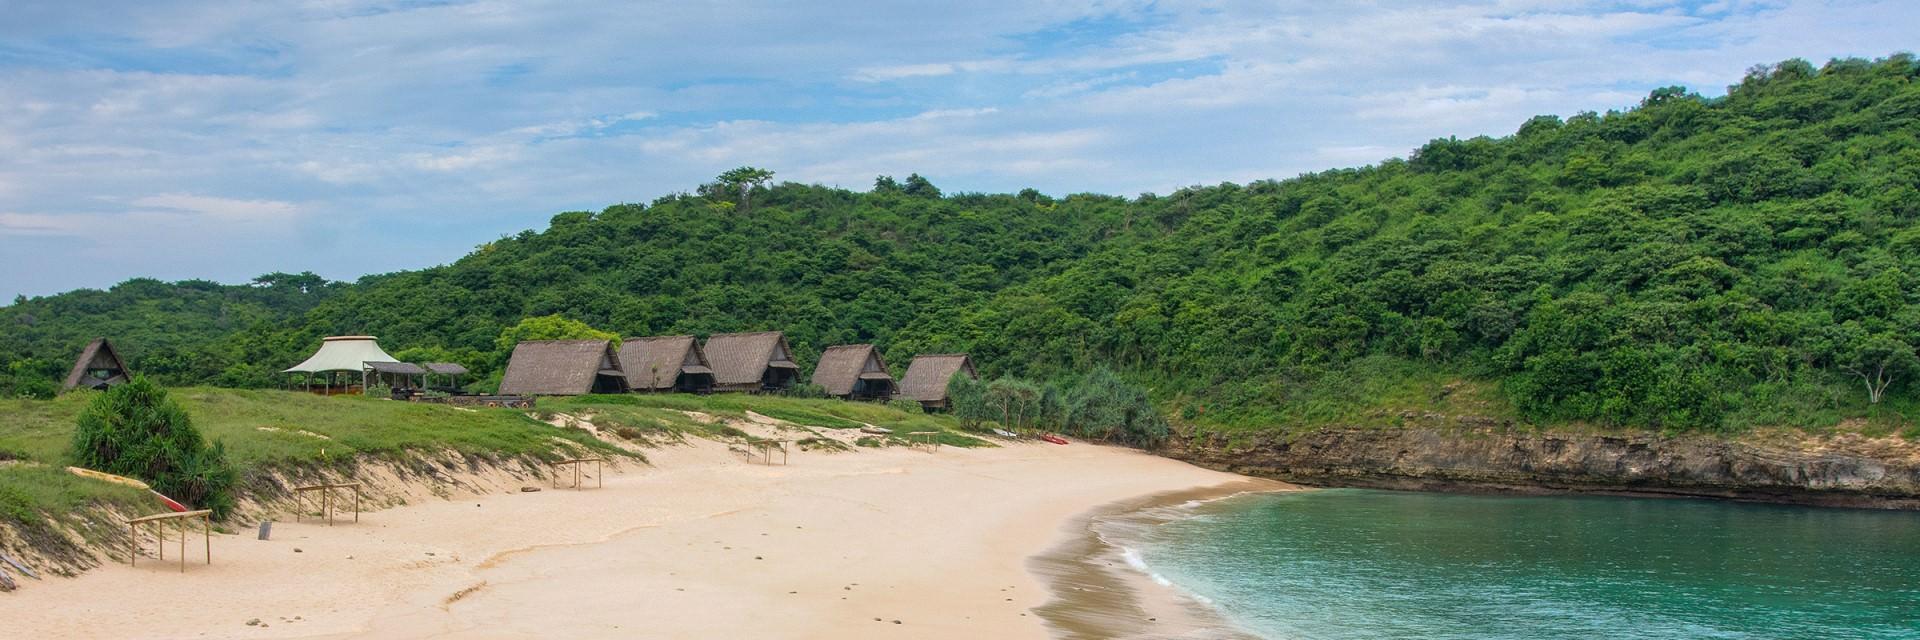 Pulau Esme Bisa Kamu Rasakan di Jeeva Beloam Beach Camp Pulau Esme Bisa Kamu Rasakan di Jeeva Beloam Beach Camp - Dolan Dolen